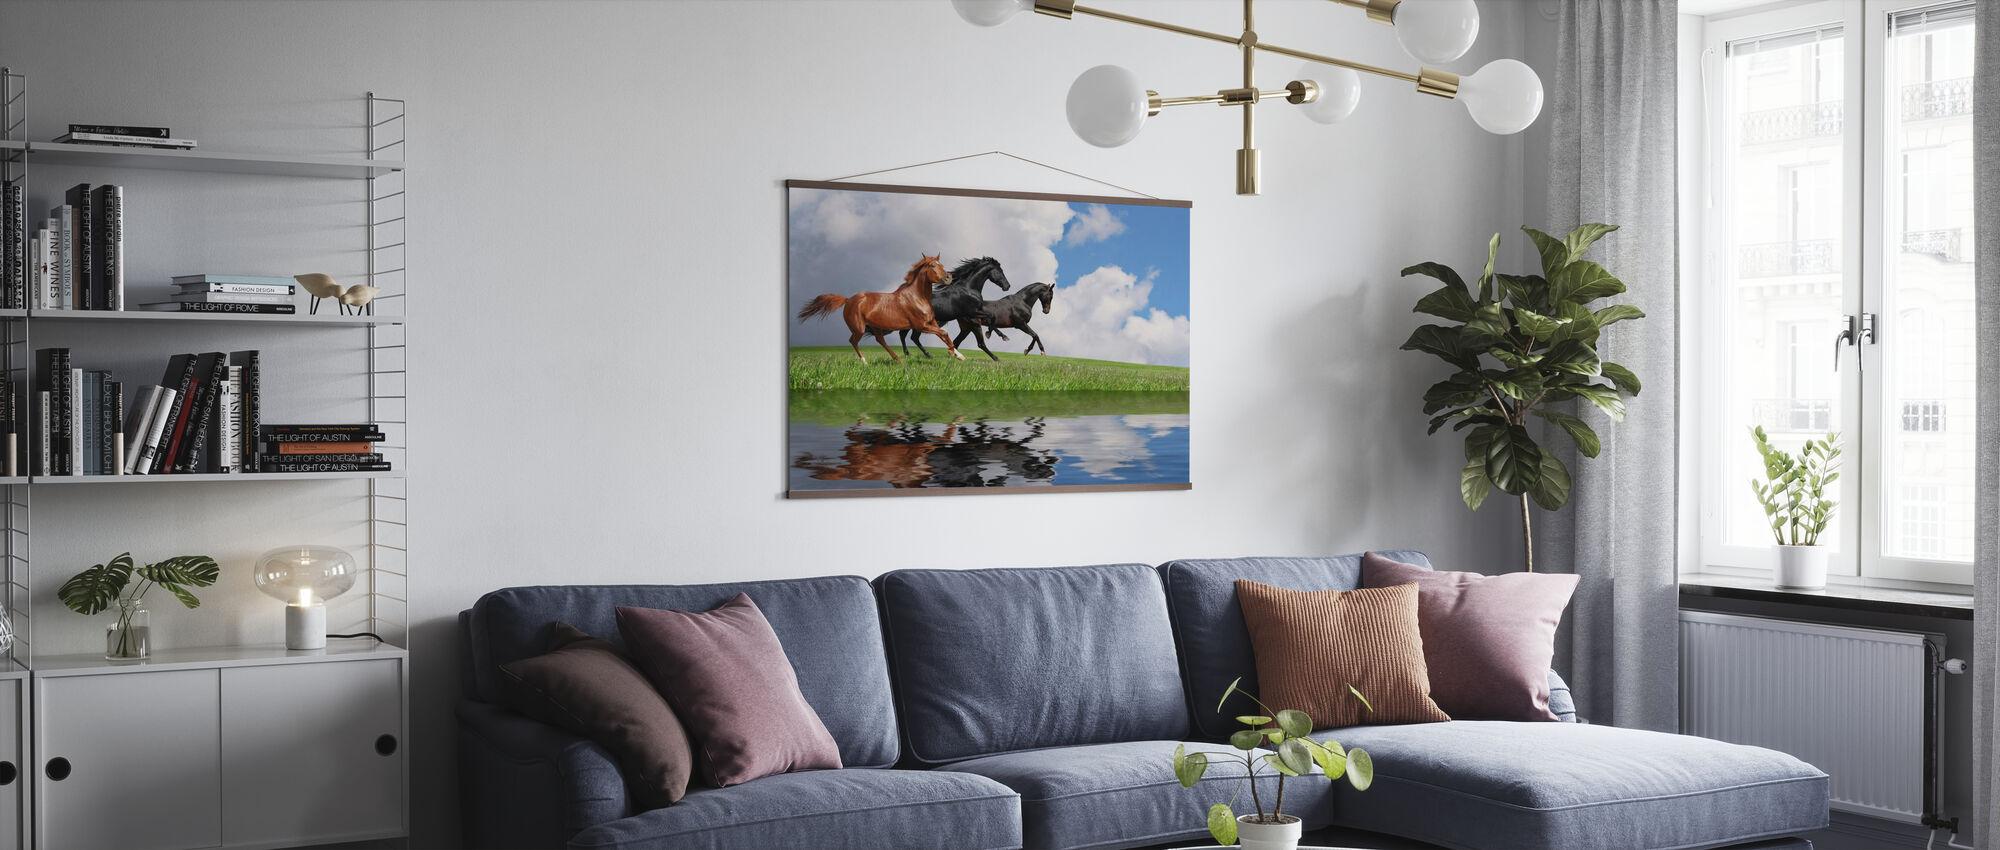 Galoppferde - Poster - Wohnzimmer